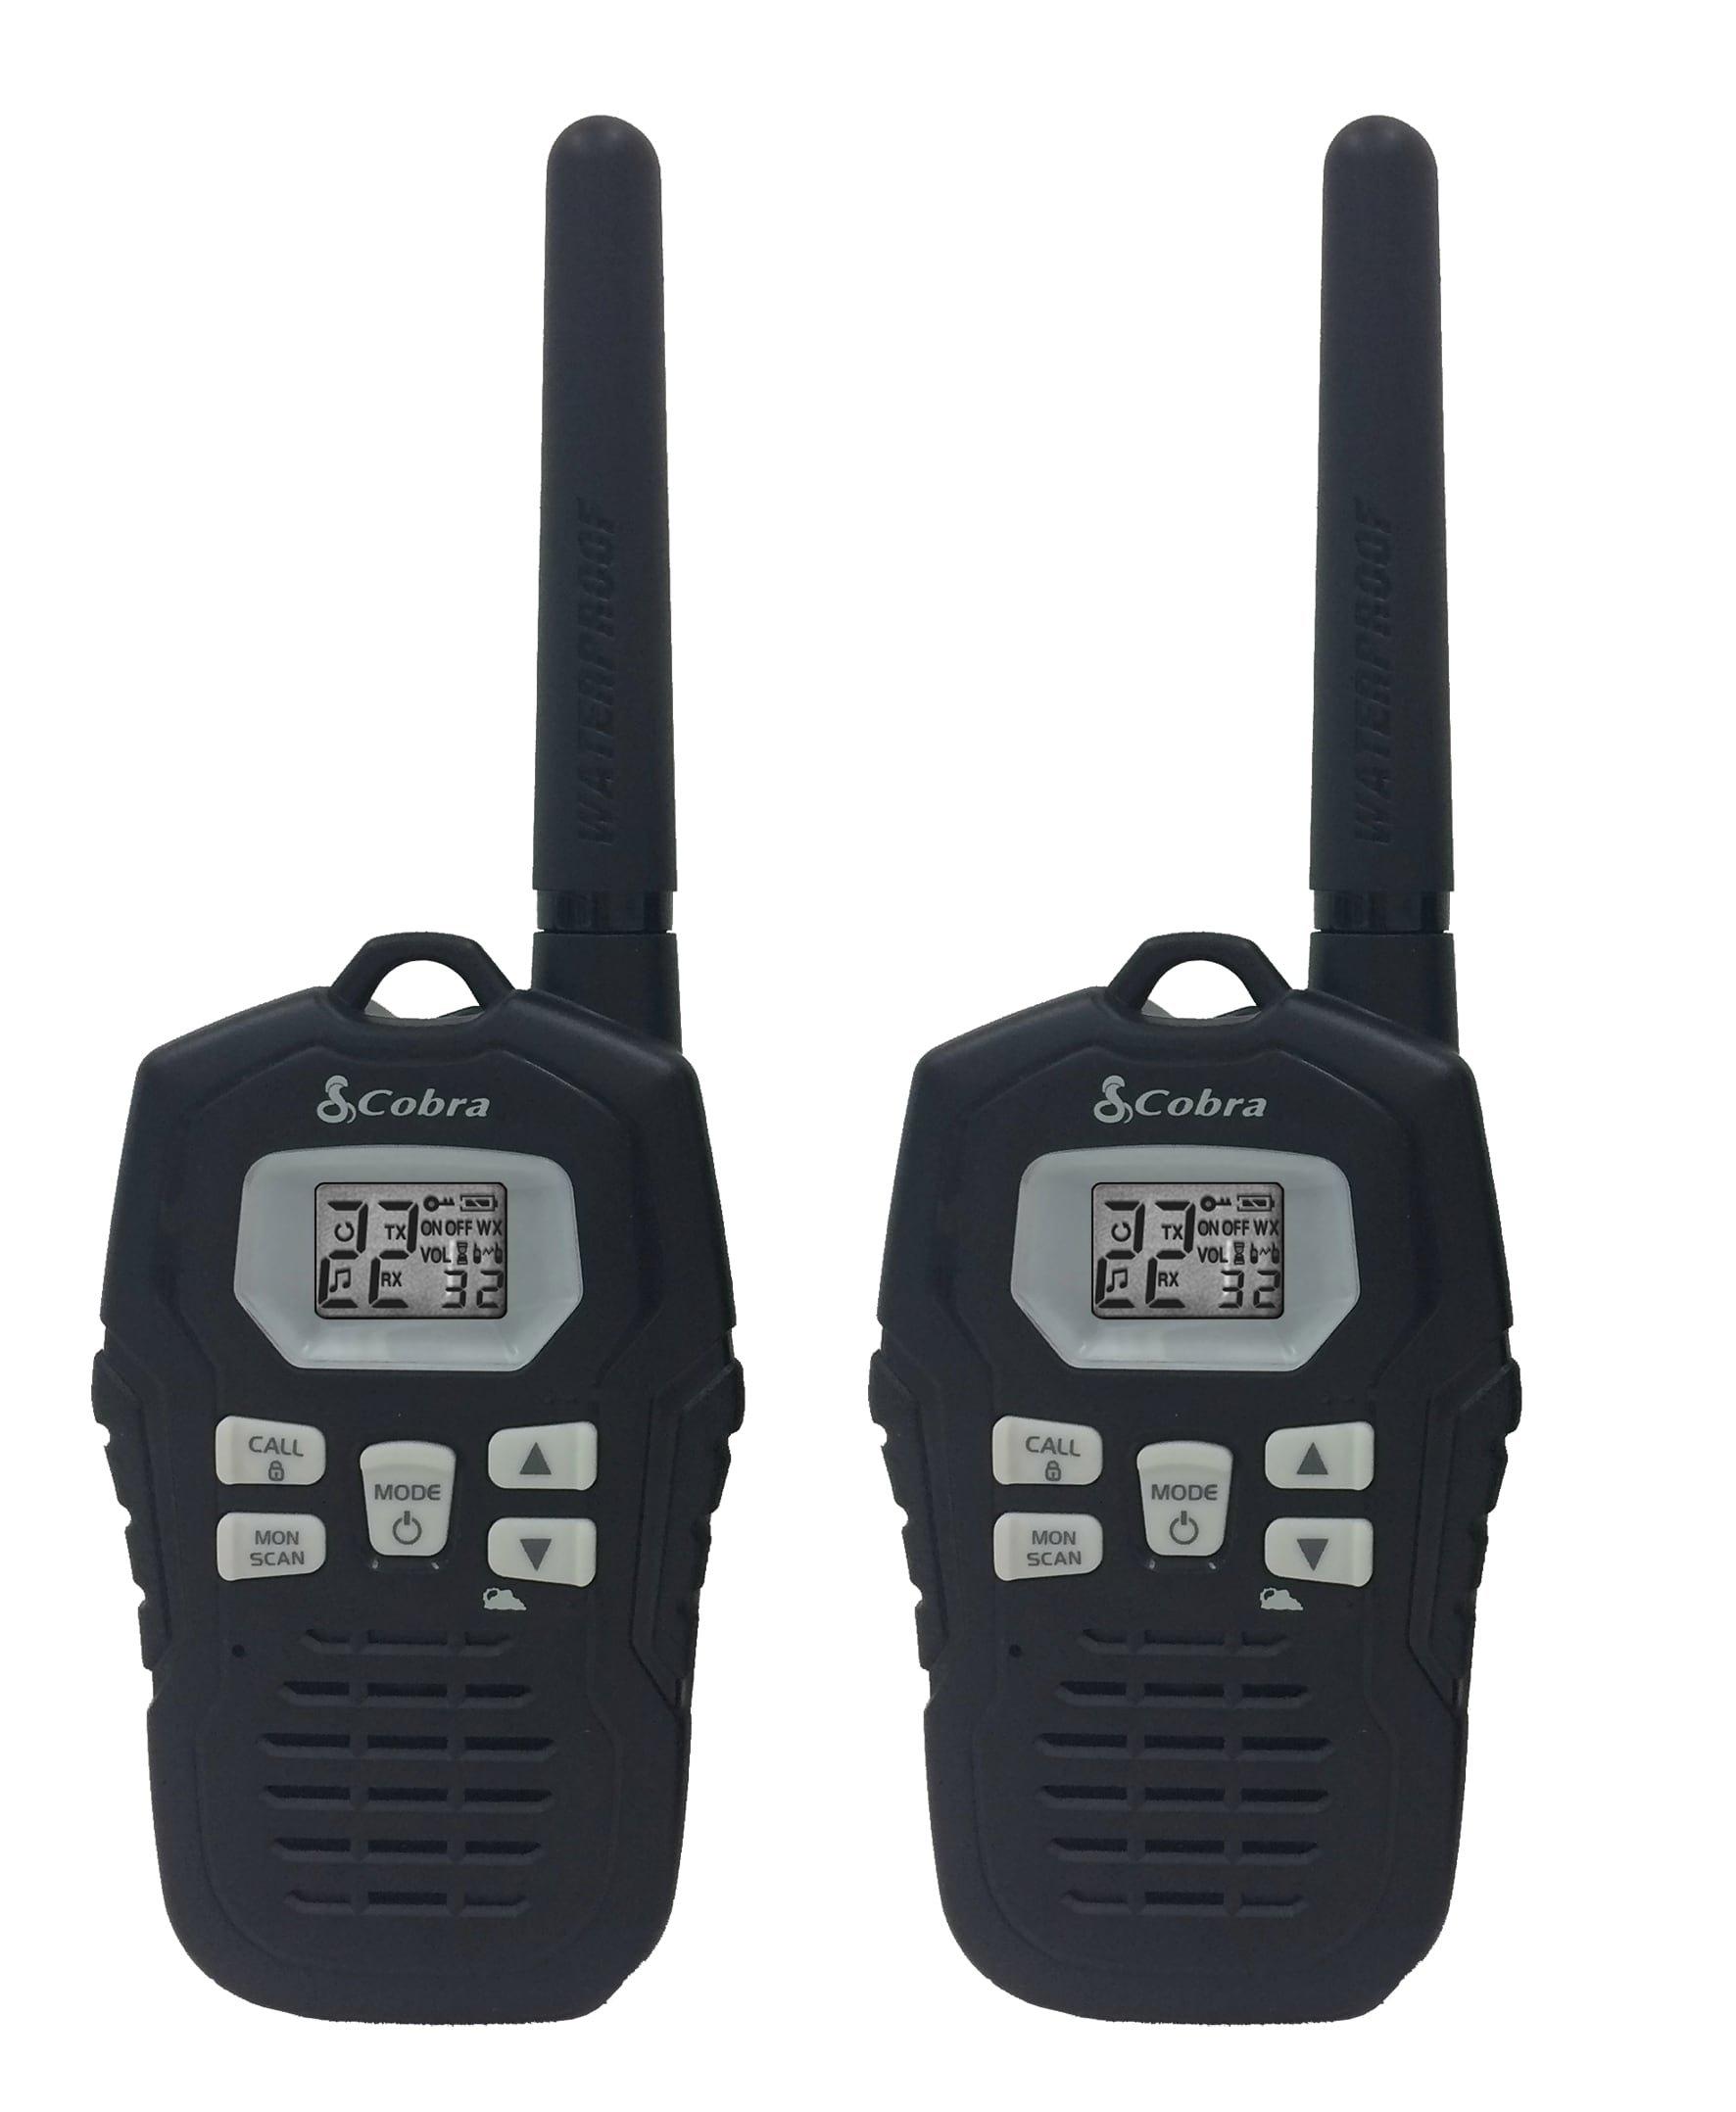 Cobra CXY800 Walkie Talkies 35-Mile Two-Way Radios, Rechargeable (Pair)